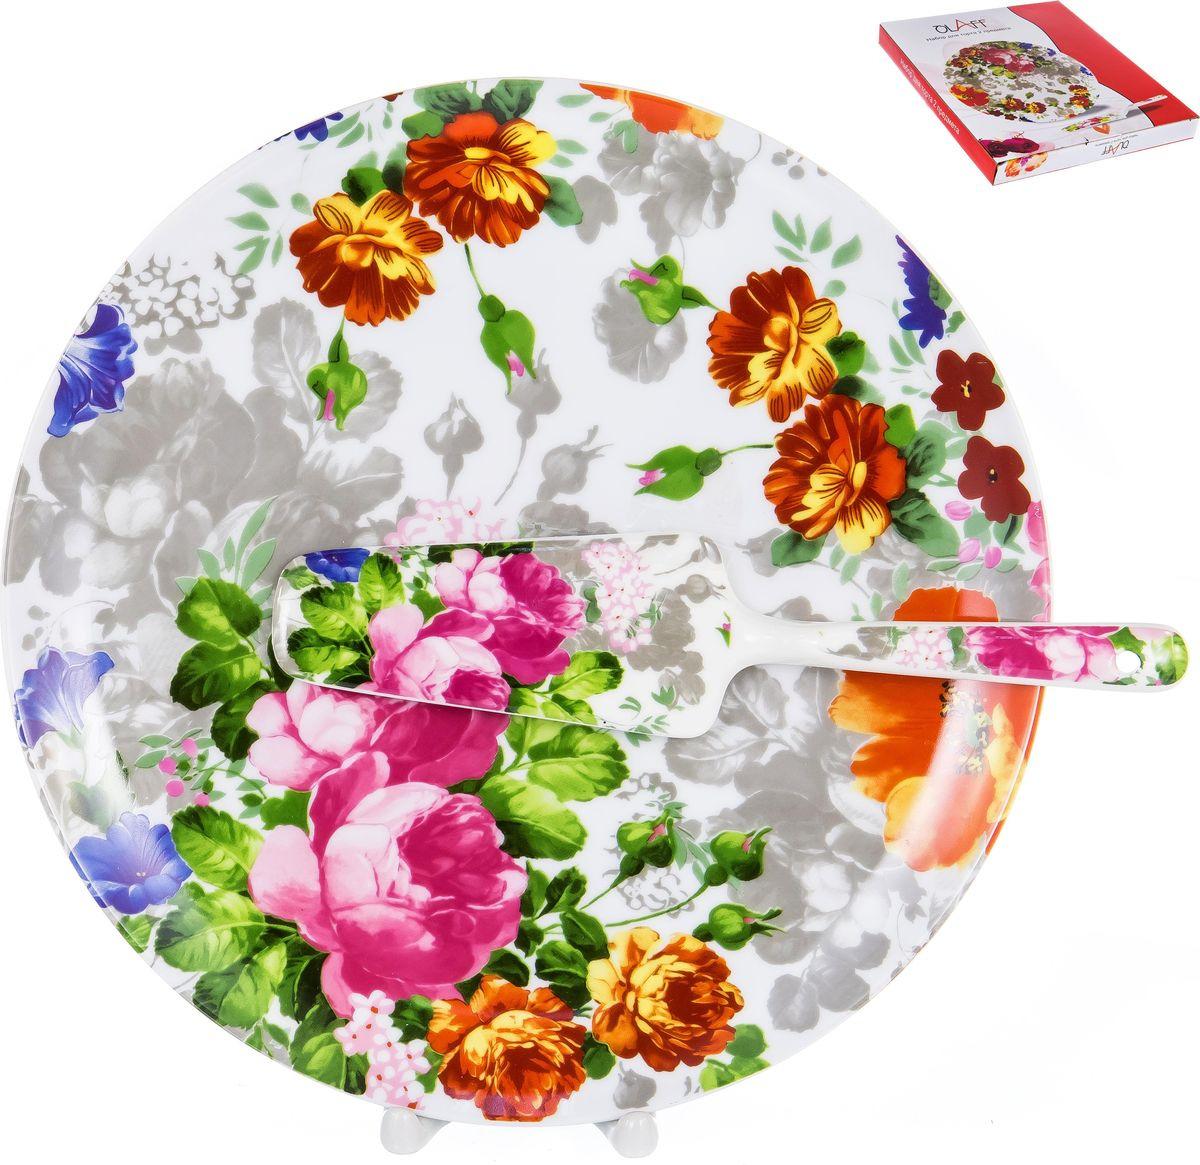 Набор для торта Olaff Флора Цветение, 124-01090, 2 предмета фруктовница olaff cake stand 2 ярусная dl fsp2f 223